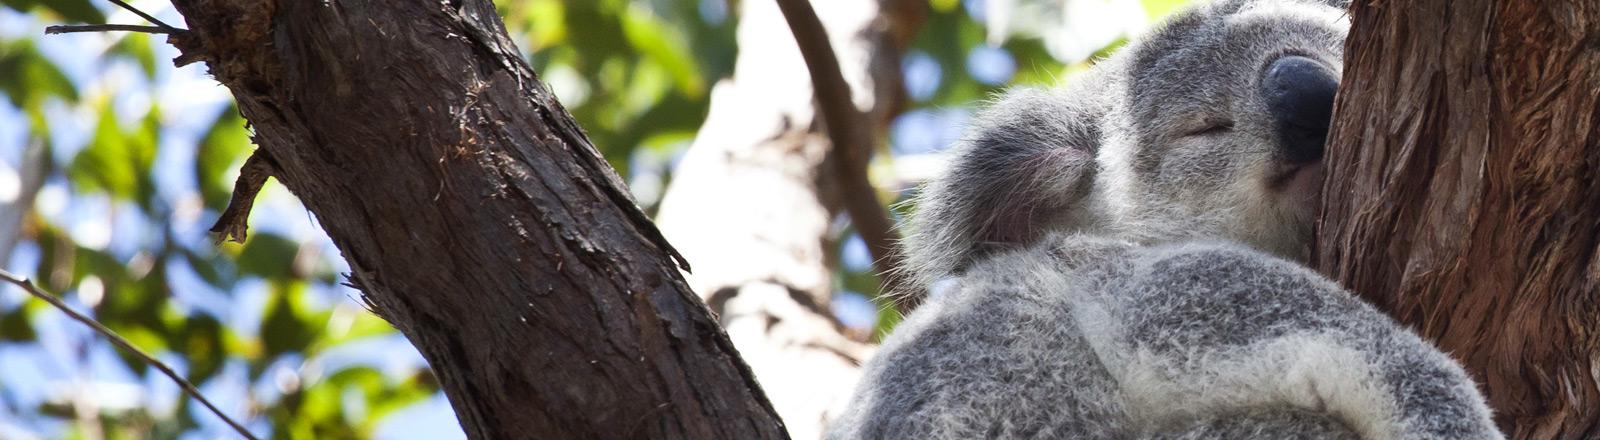 Ein Koalabär, der in einem Baum schläft.